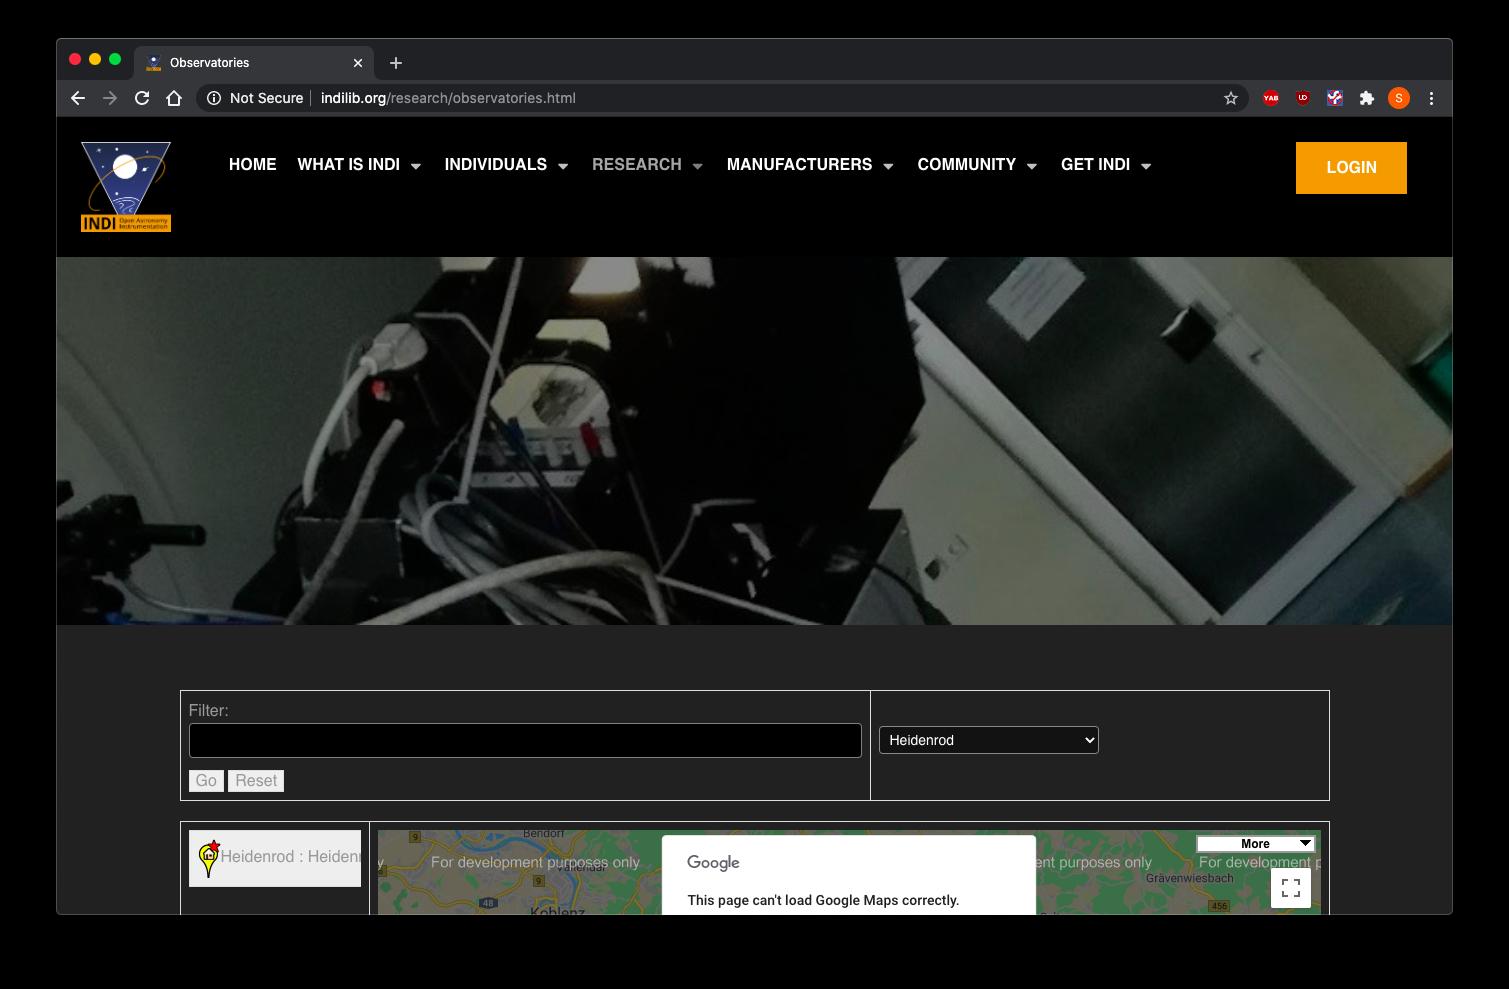 Screenshot2020-07-07at23.56.43.png